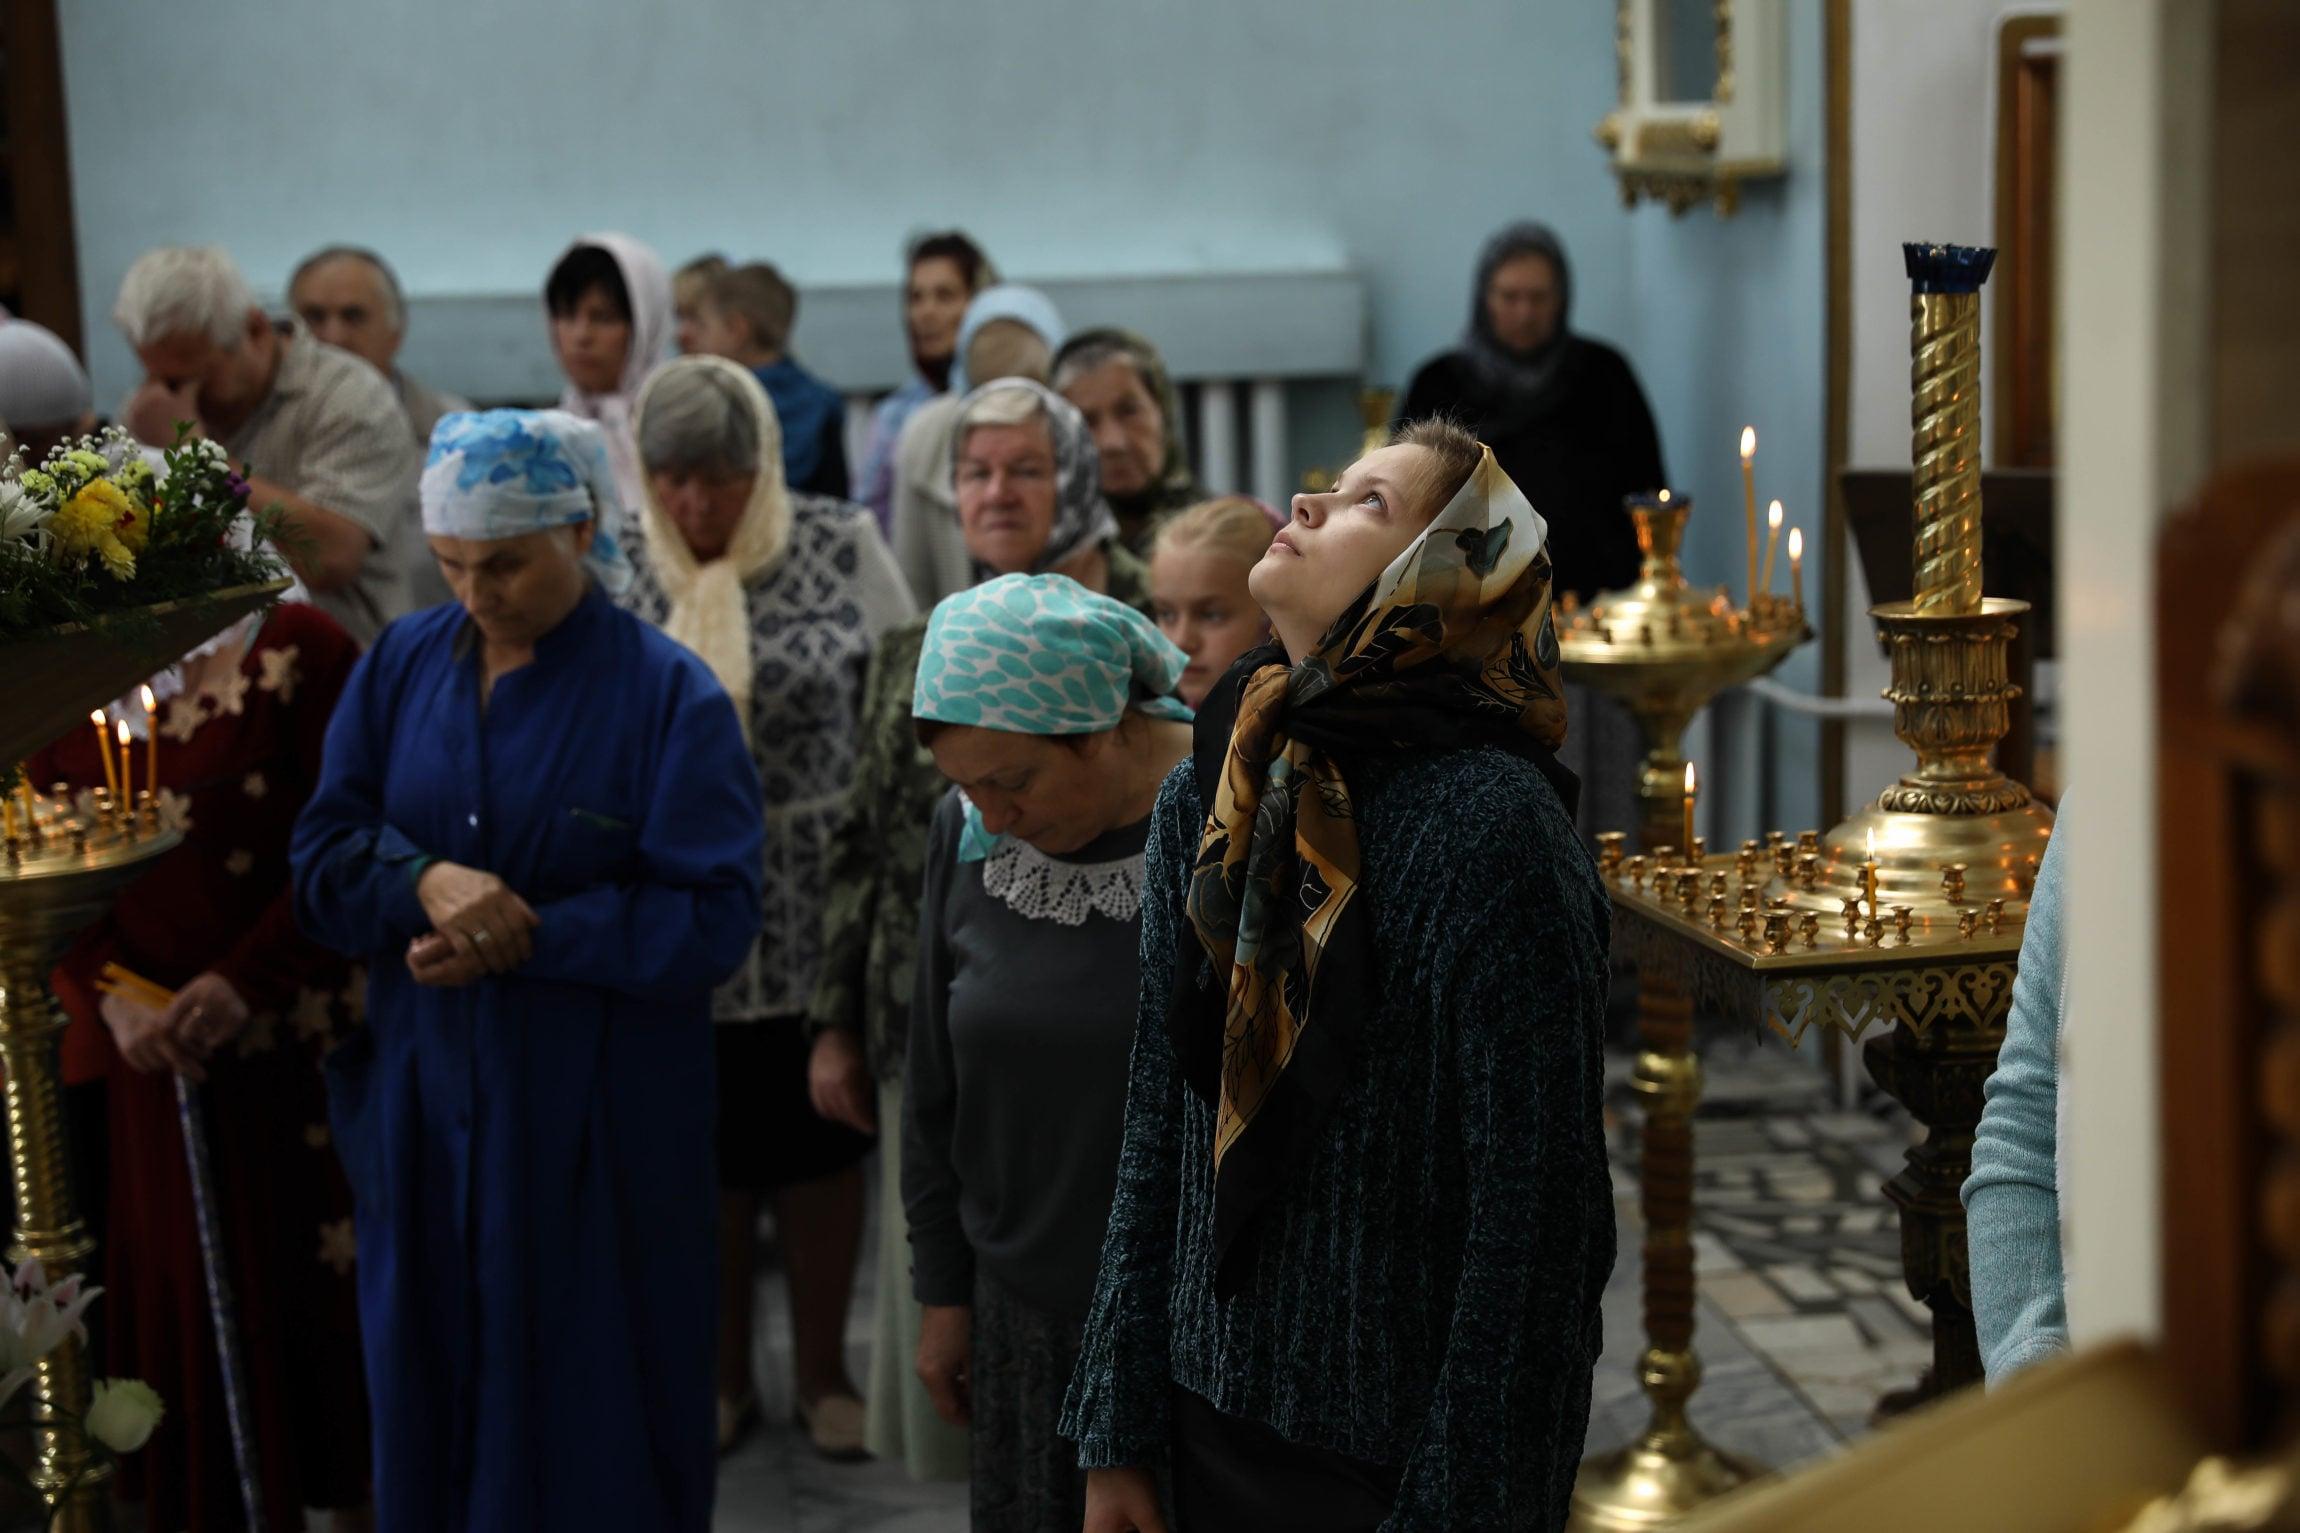 http://monuspen.ru/photoreports/300a33e78ae43bf112005df432bc34g8.jpg